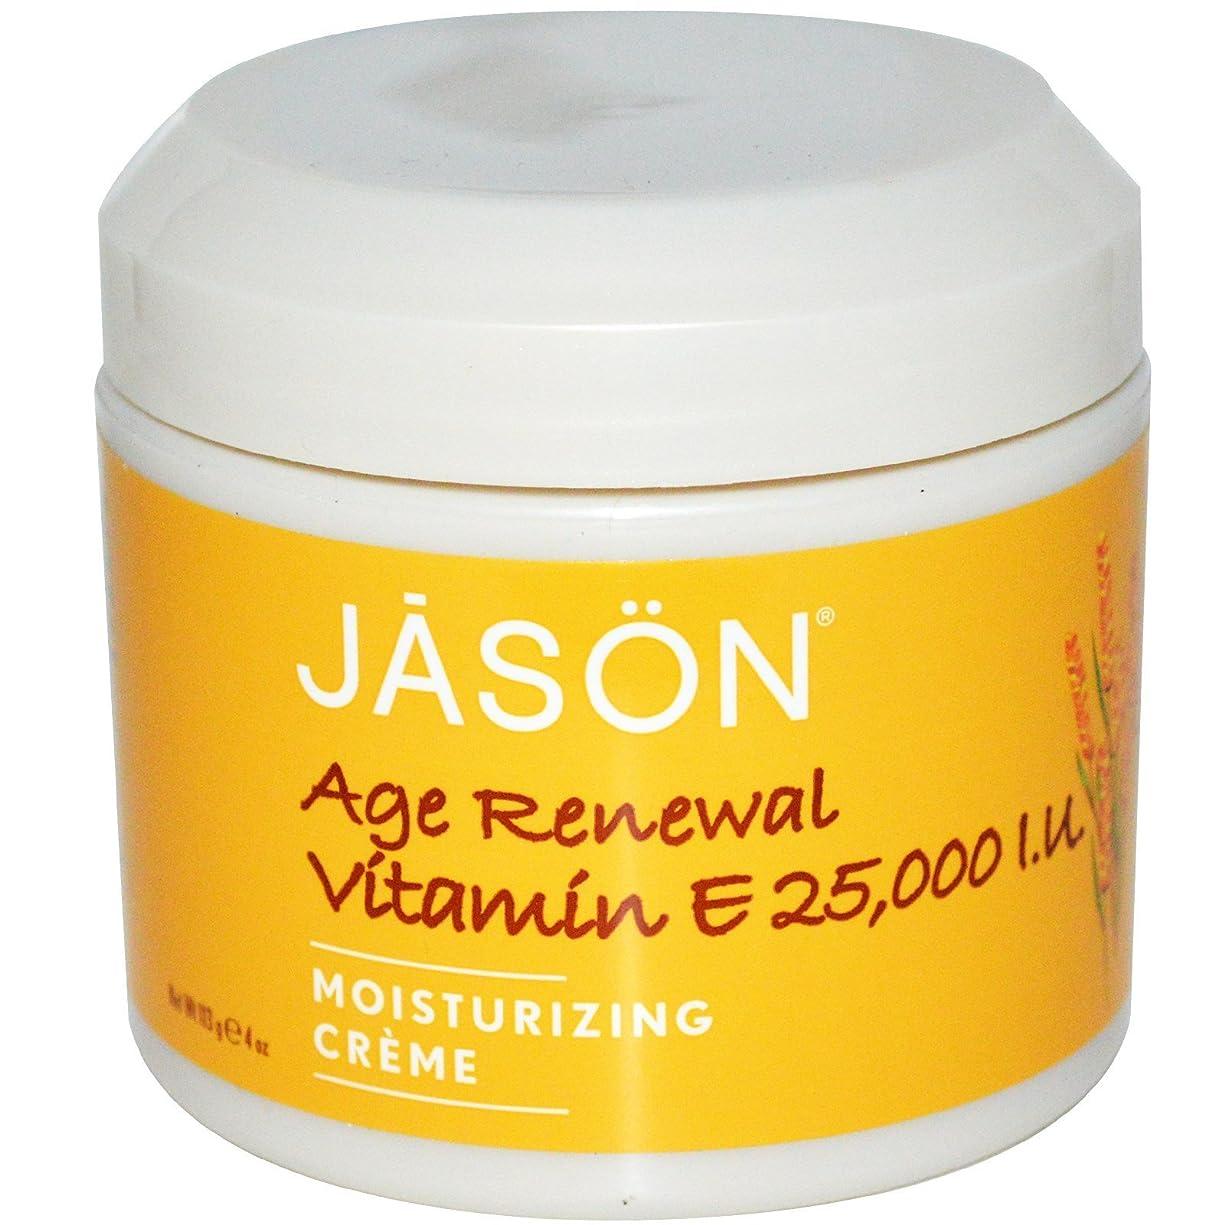 全国鋭くバランスジェイソンナチュラル(Jason Natural) エイジリニューアル ビタミンE クリーム  25,000 IU 113g [海外直送][並行輸入品]